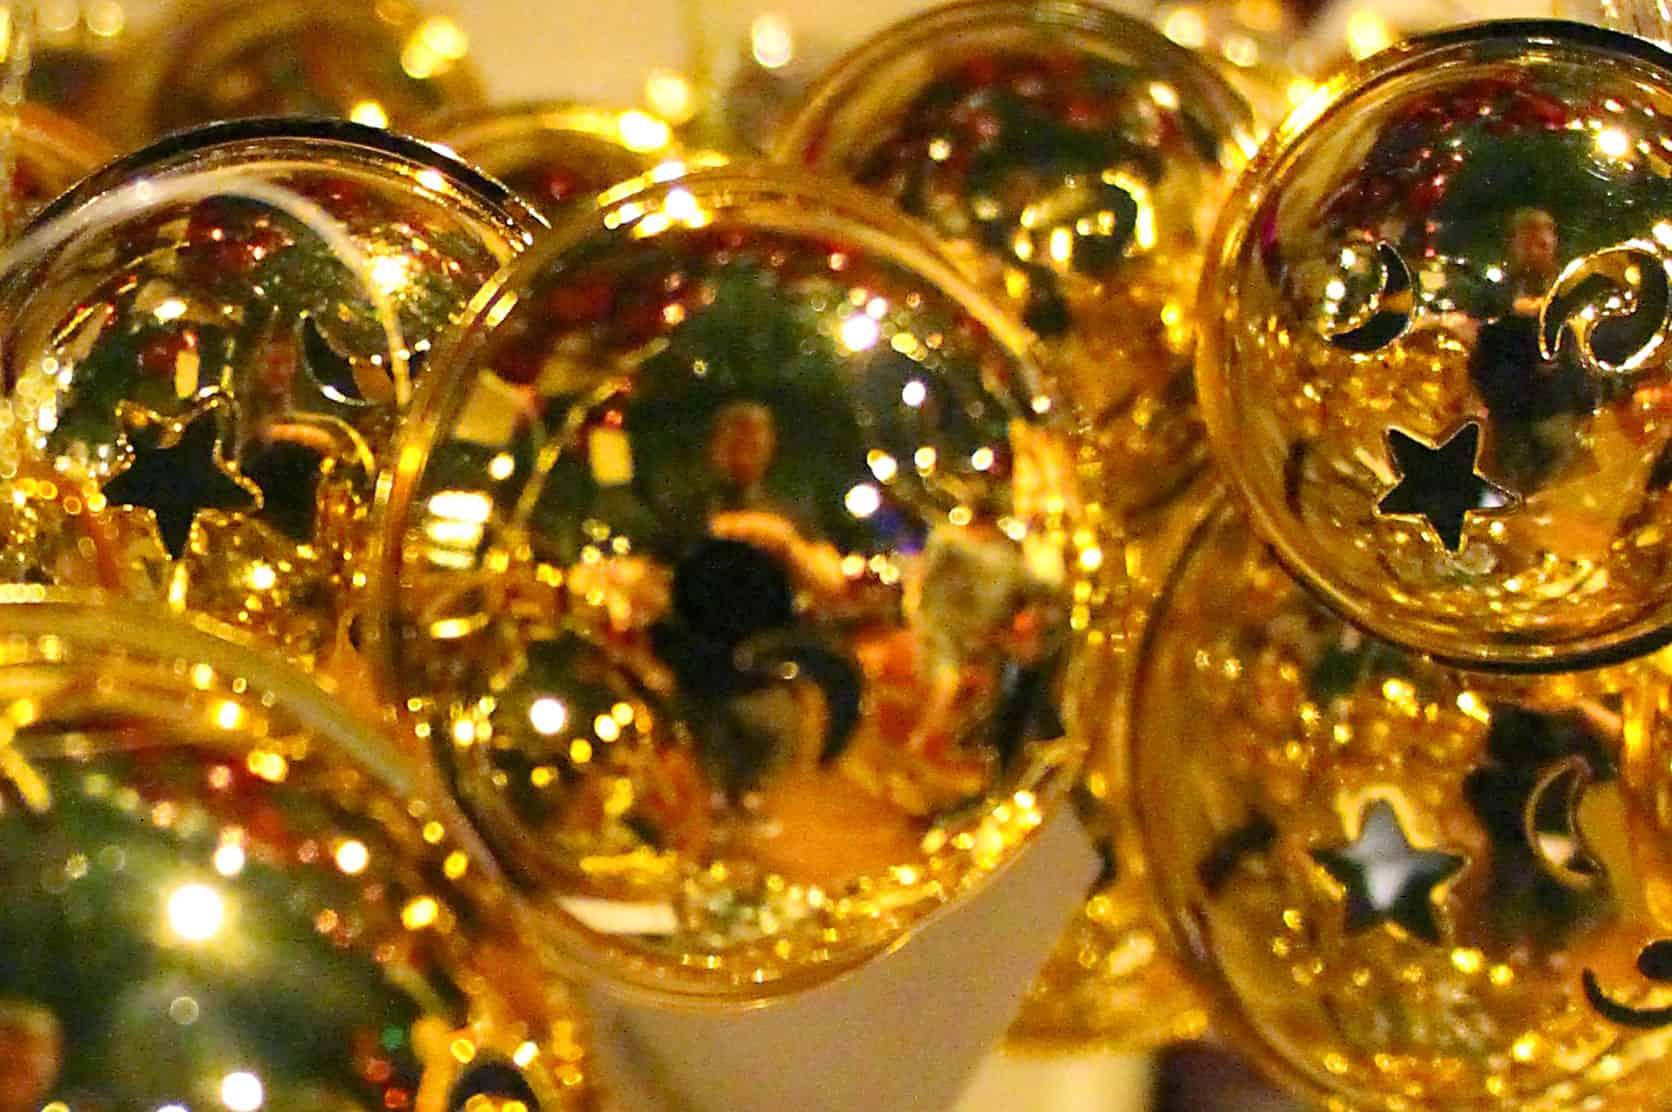 Goldene Weihnachtskugeln.Weihnachtskugeln Gold Für Einen Prächtigen Weihnachtsbaum